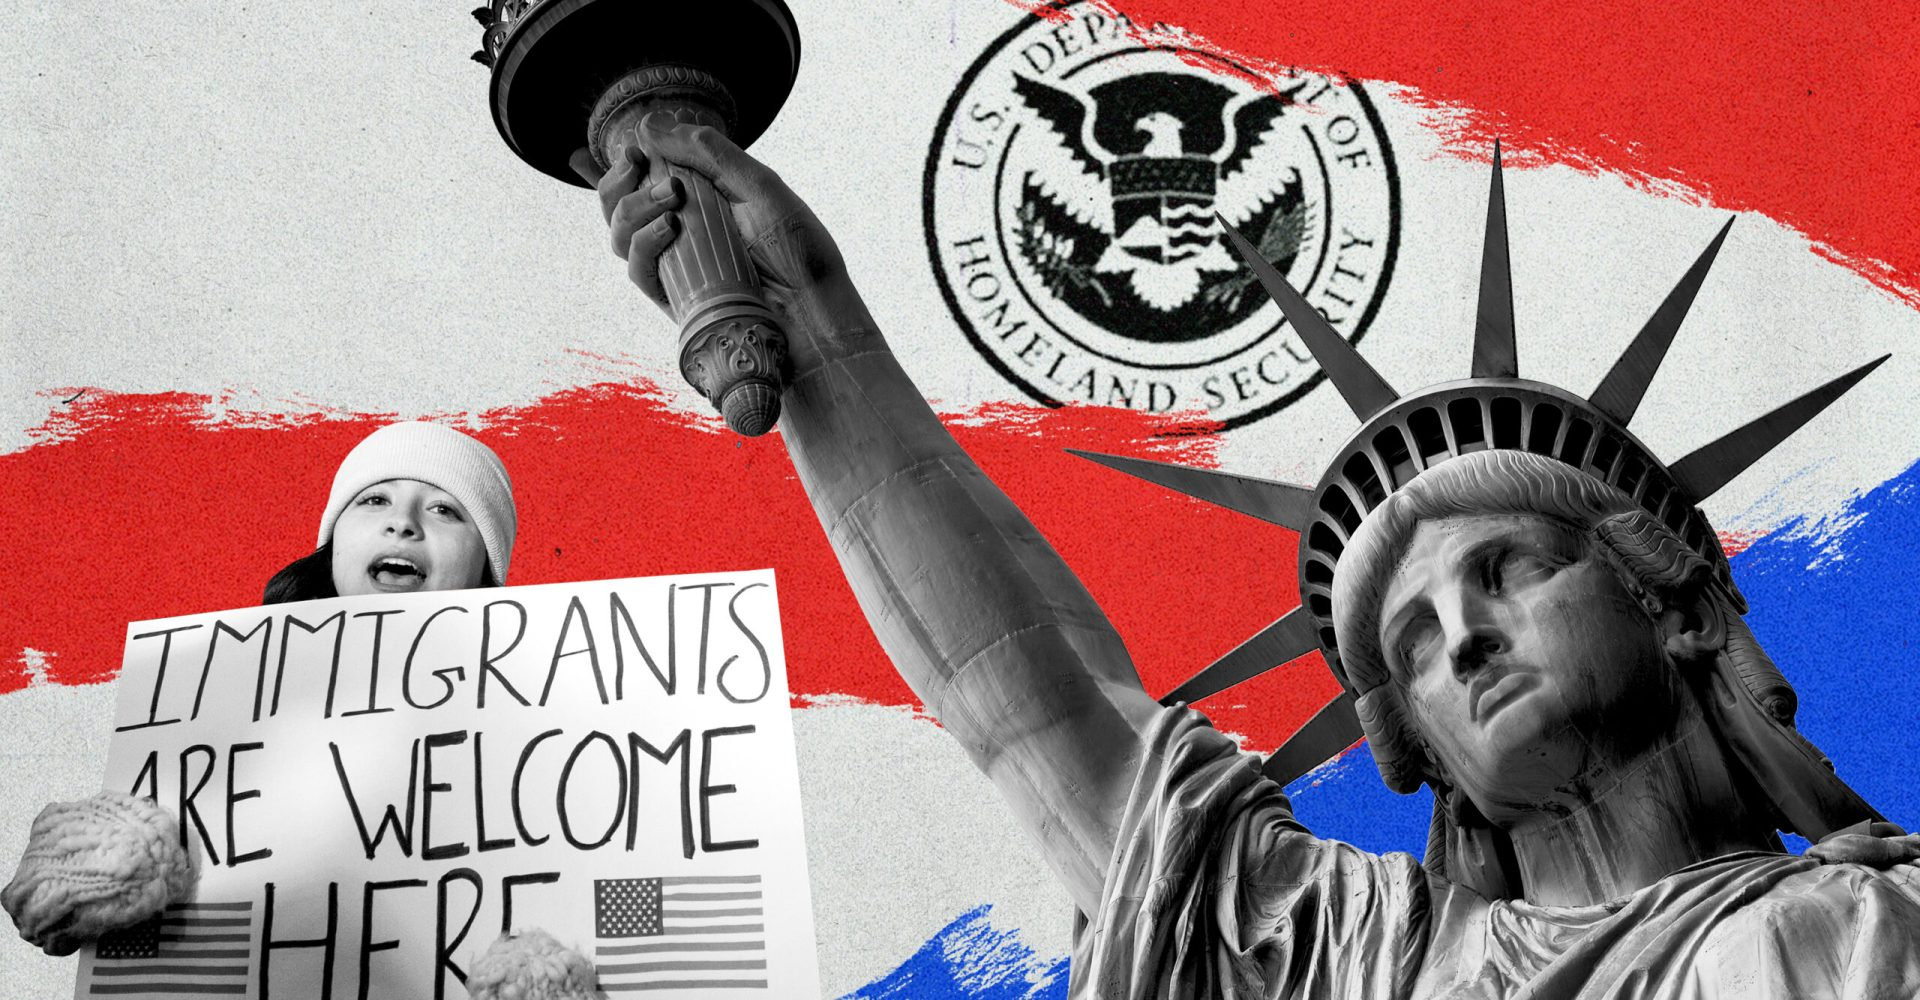 De la reforma migratoria de Biden, hasta no ver no creer